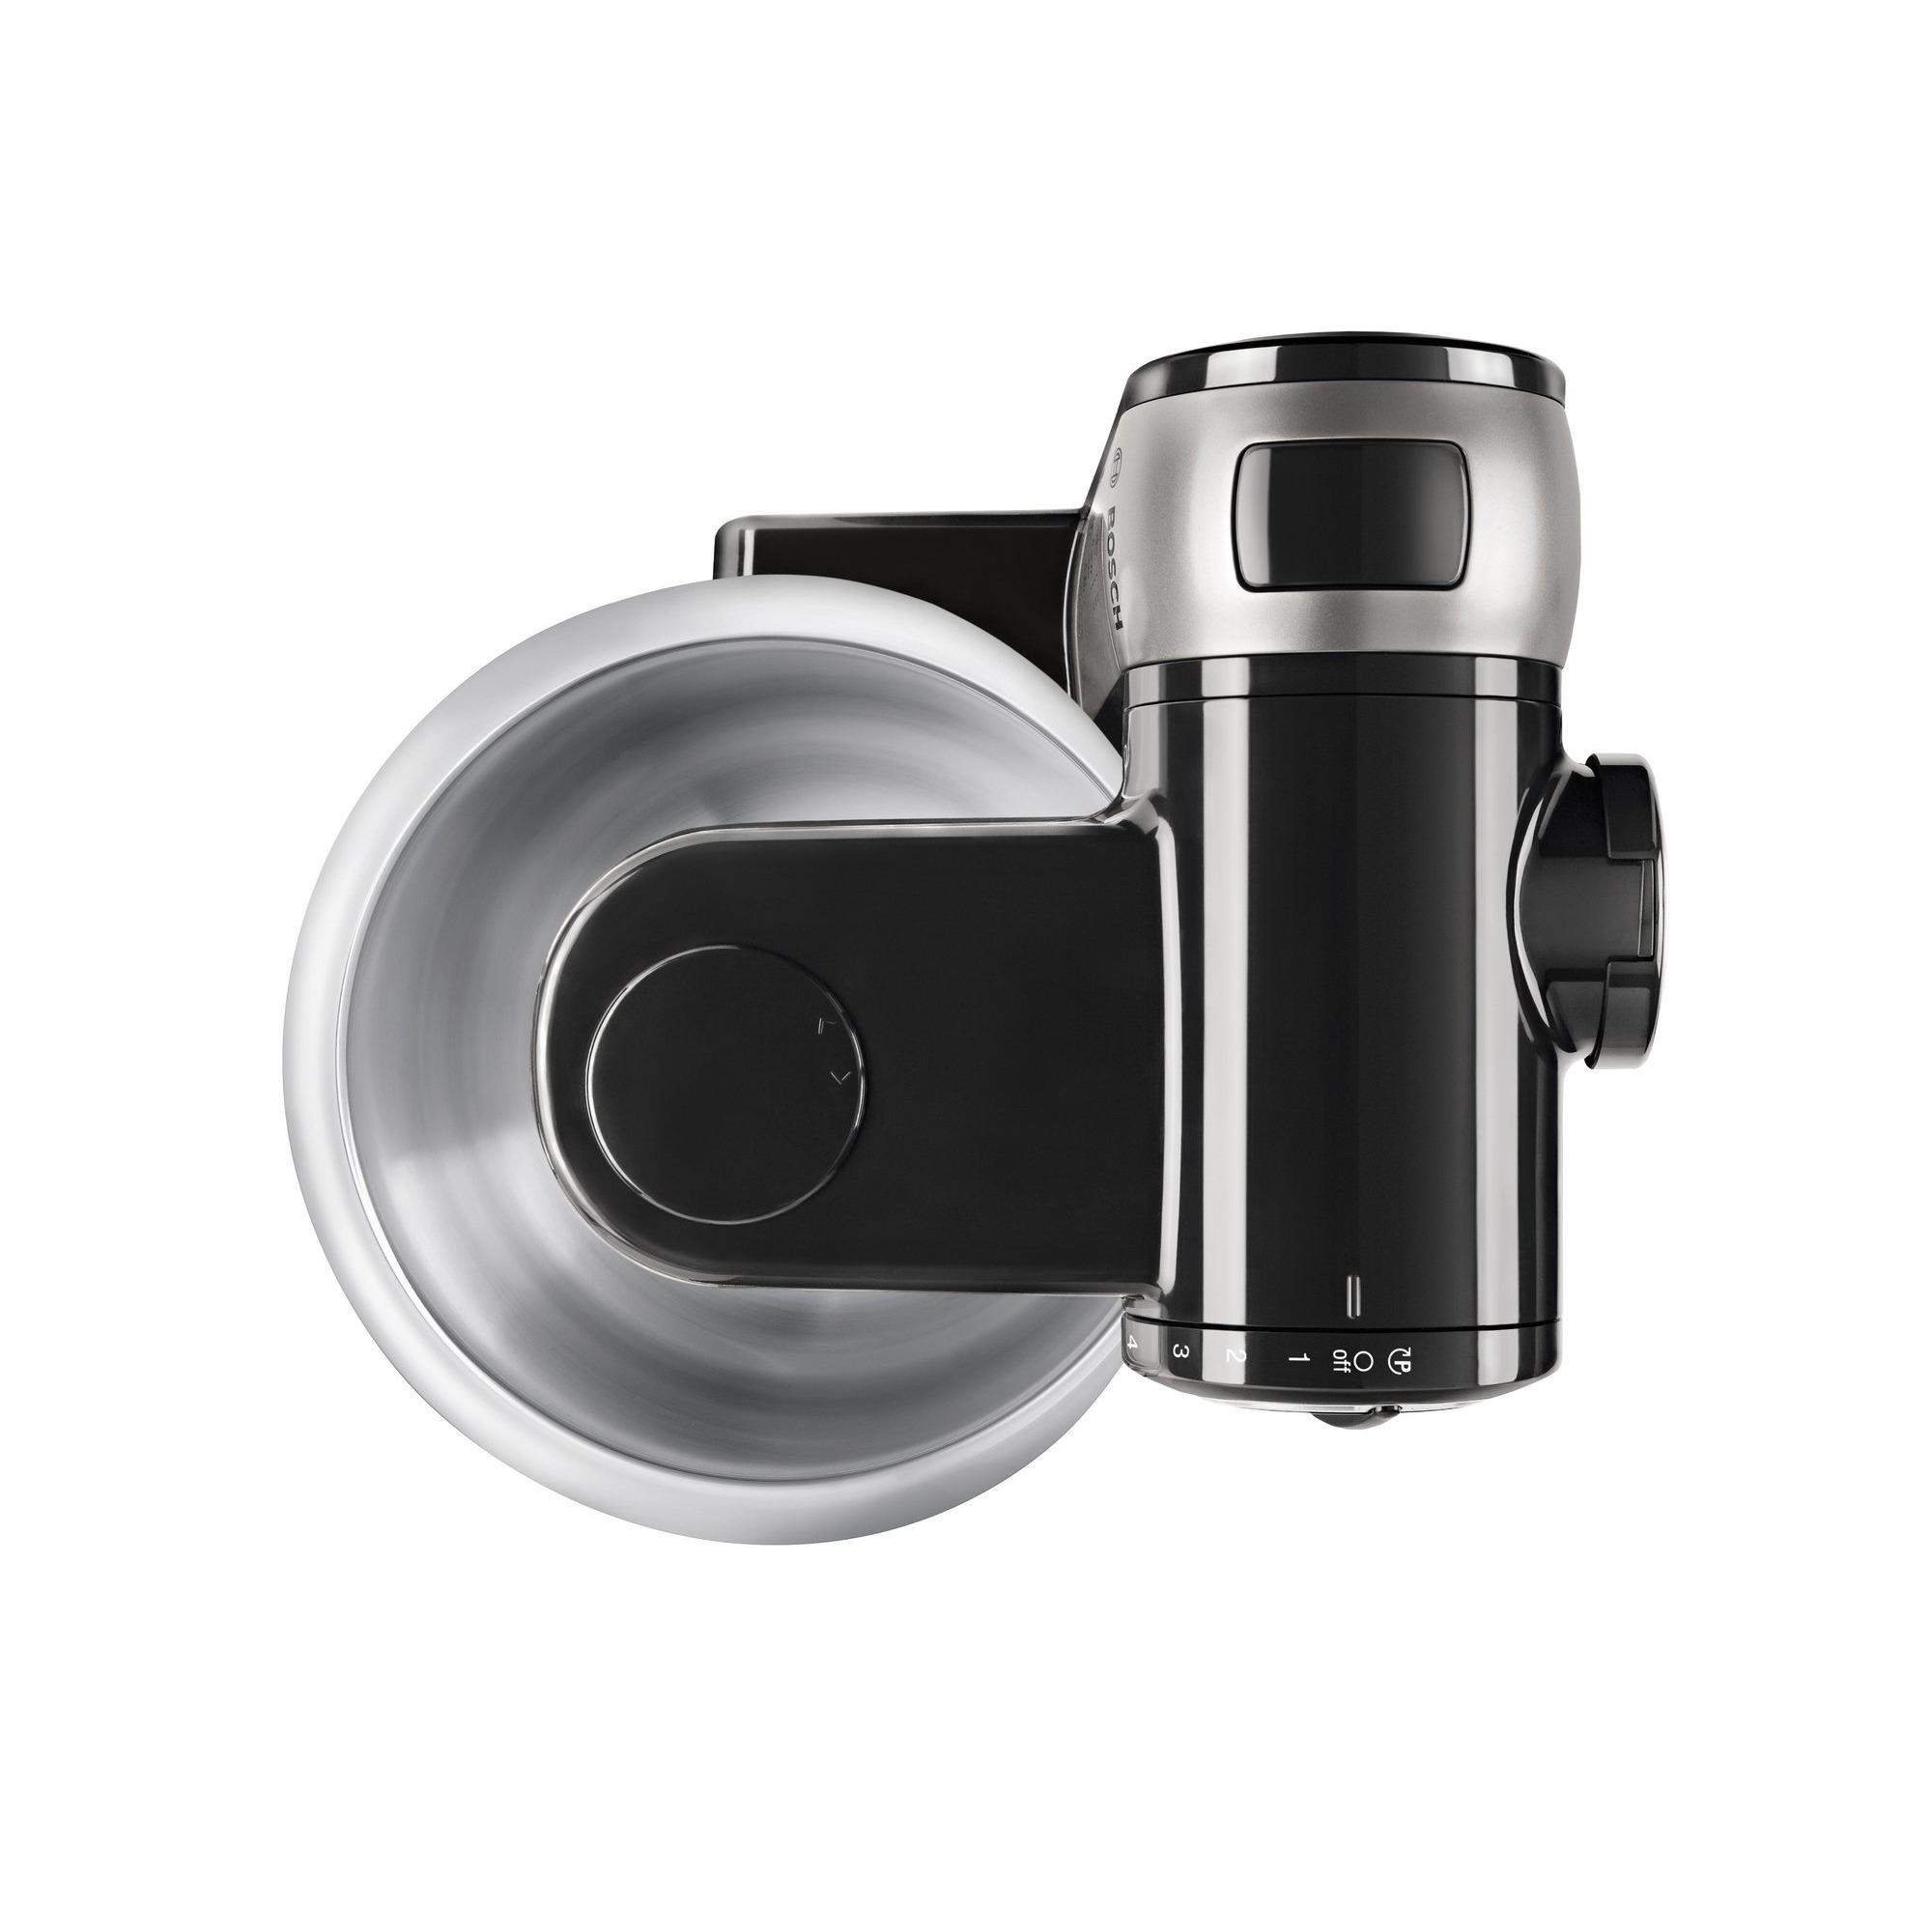 MUM48A1 køkkenmaskine fra Bosch » Bosch-klassiker med 4 hastigheder